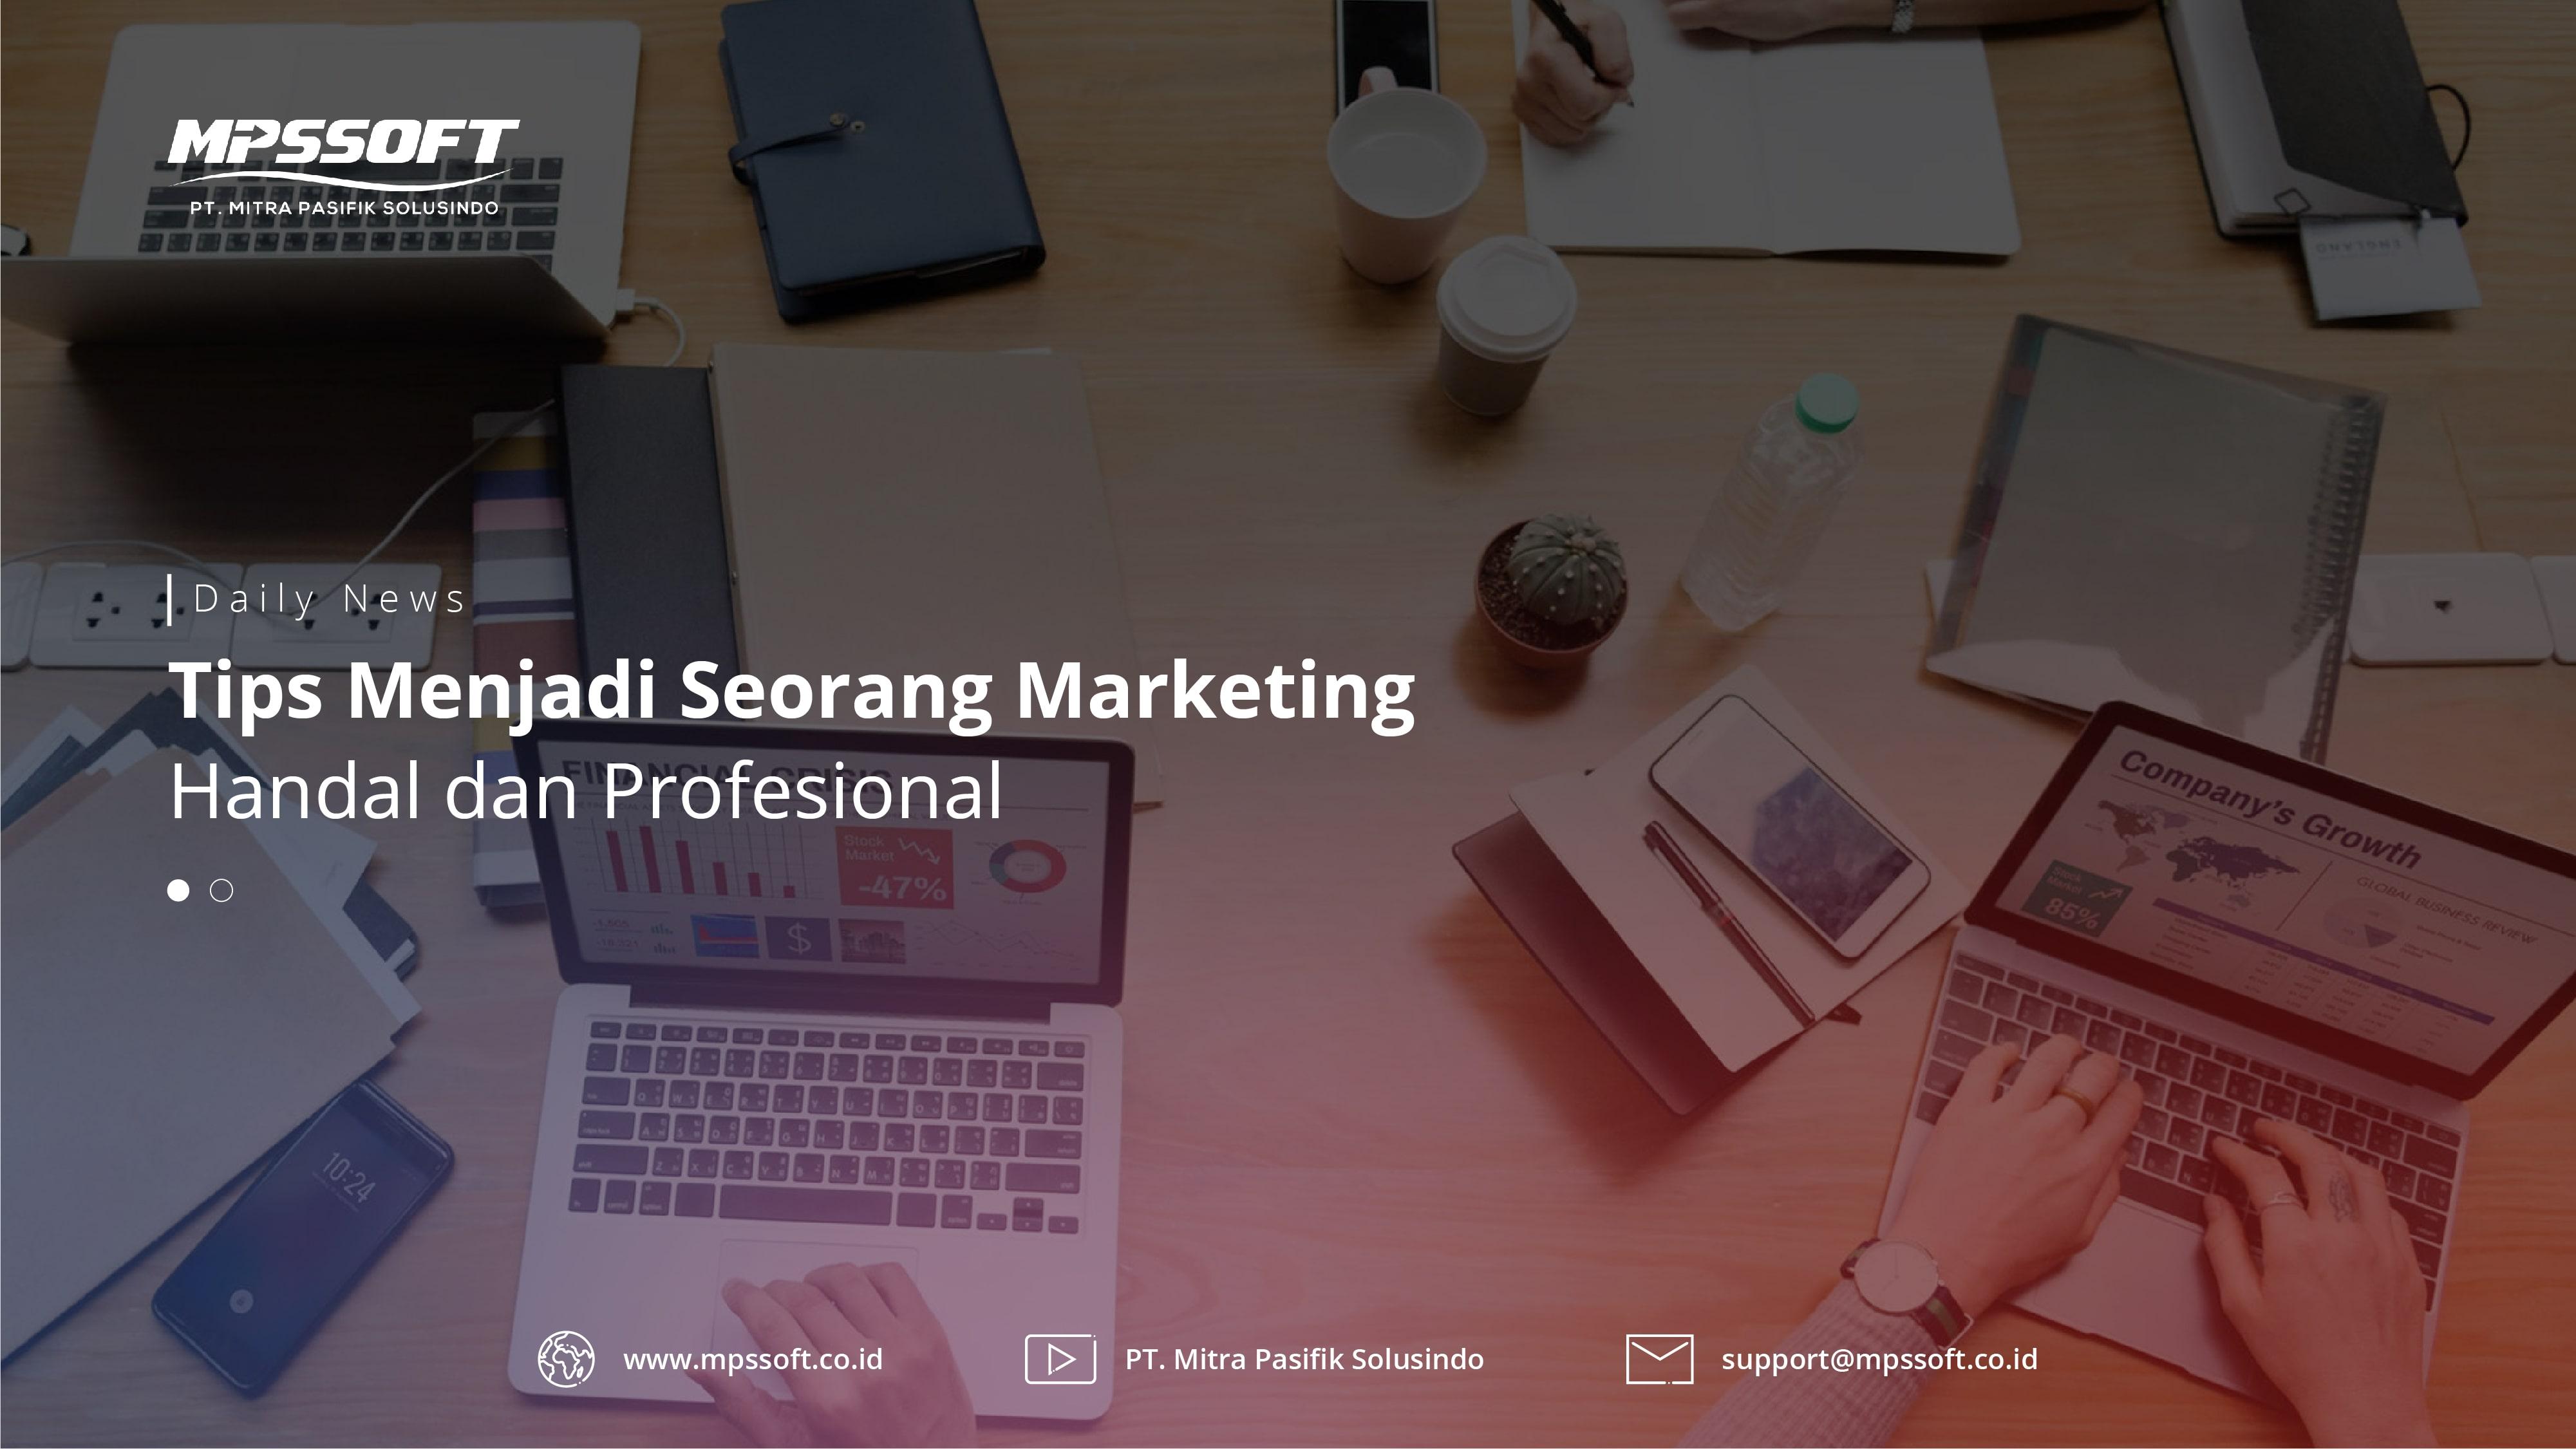 Tips menjadi Seorang Marketing Handal dan Profesional